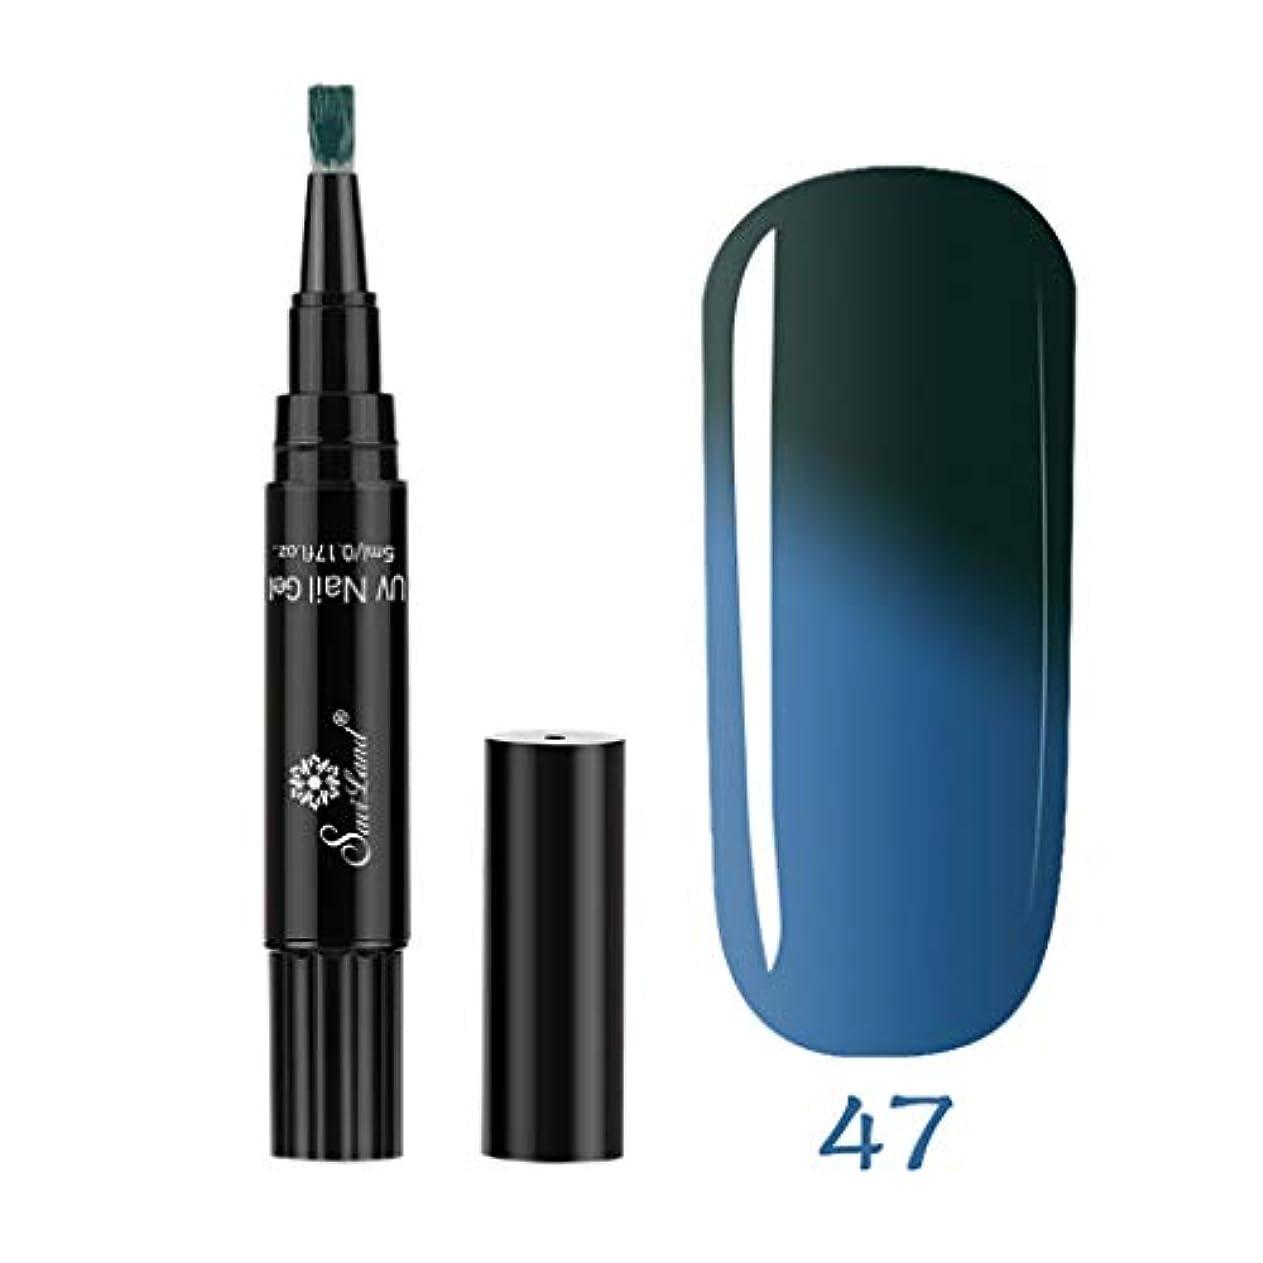 適応見える定数1ステップネイルジェルペンに1 Pc 3 UV温度変更ジェルを使用するには1ステップネイル (H)